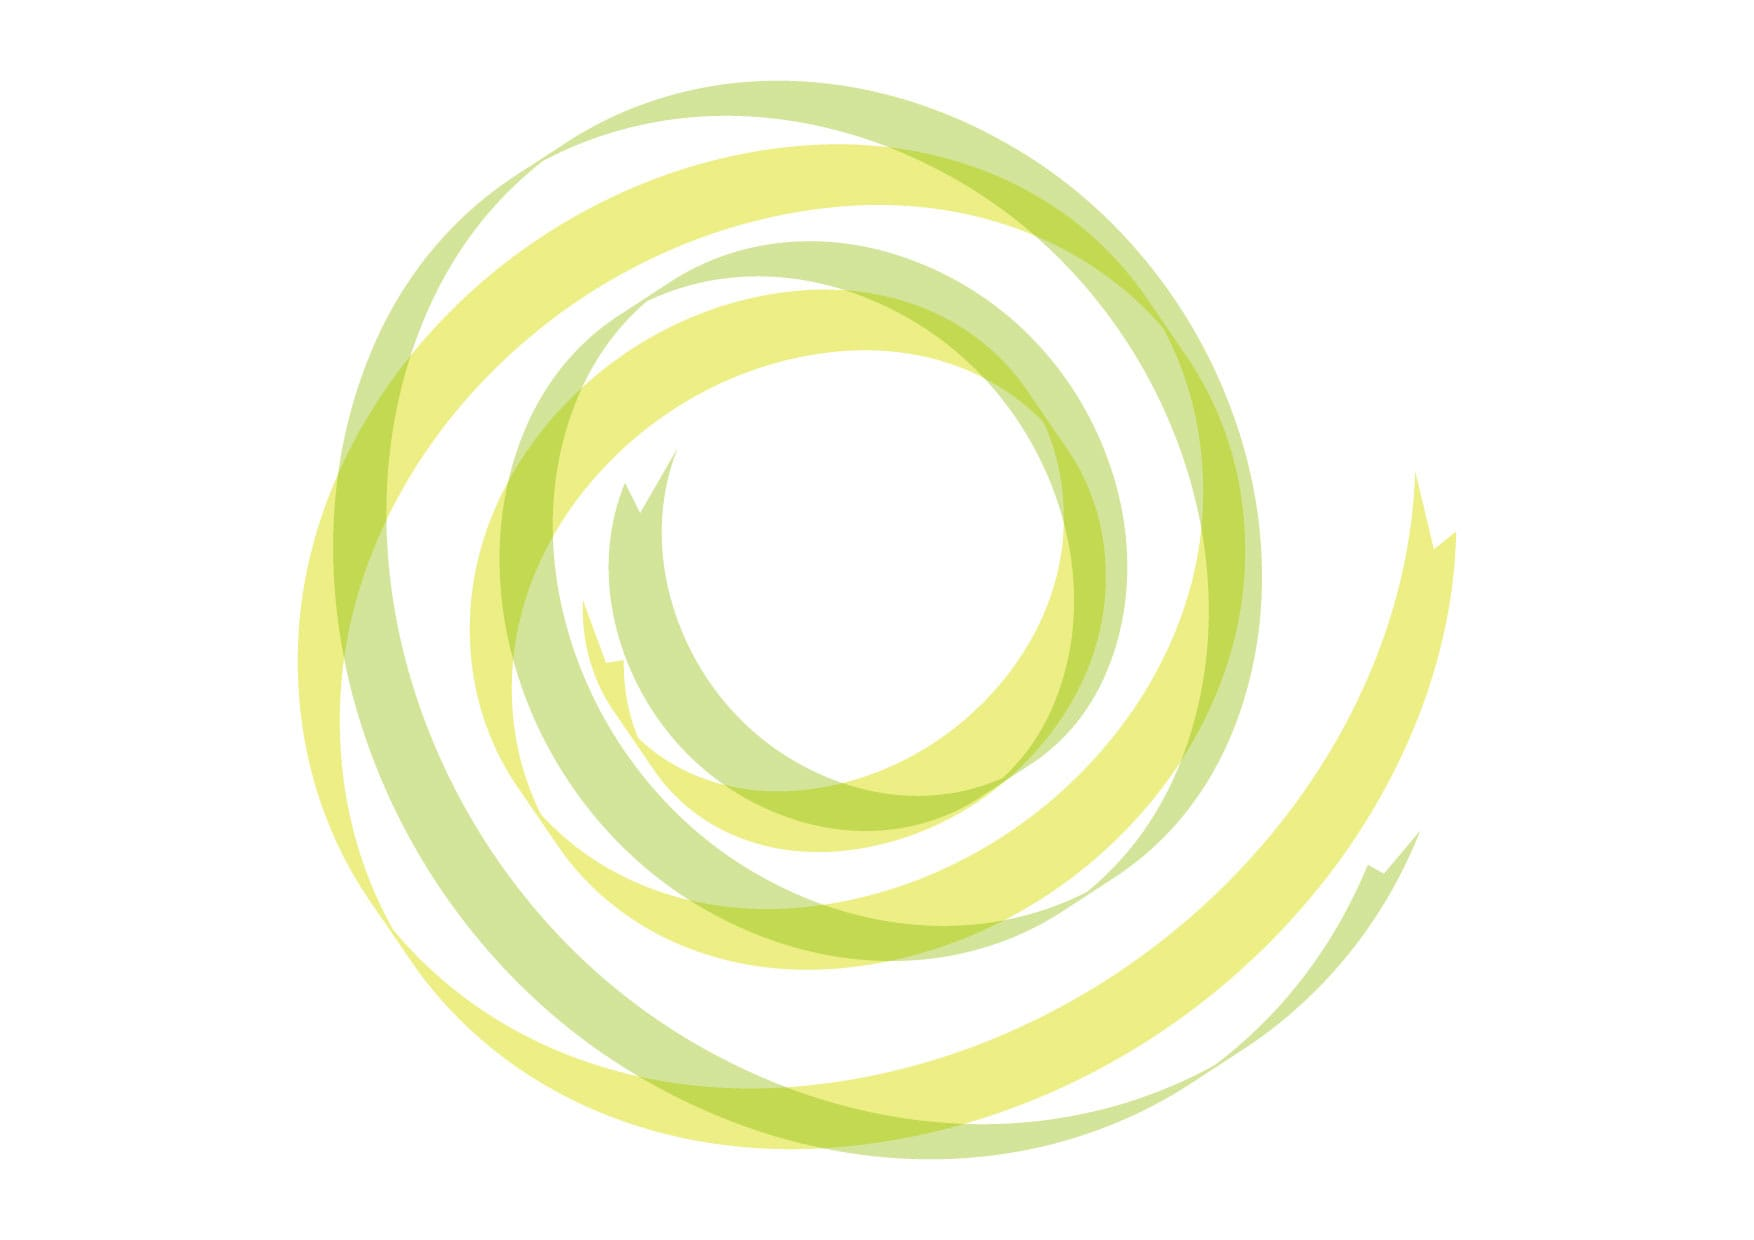 可愛いイラスト無料|リボン 背景 カール 黄色 緑色 − free illustration Ribbon background curl yellow green